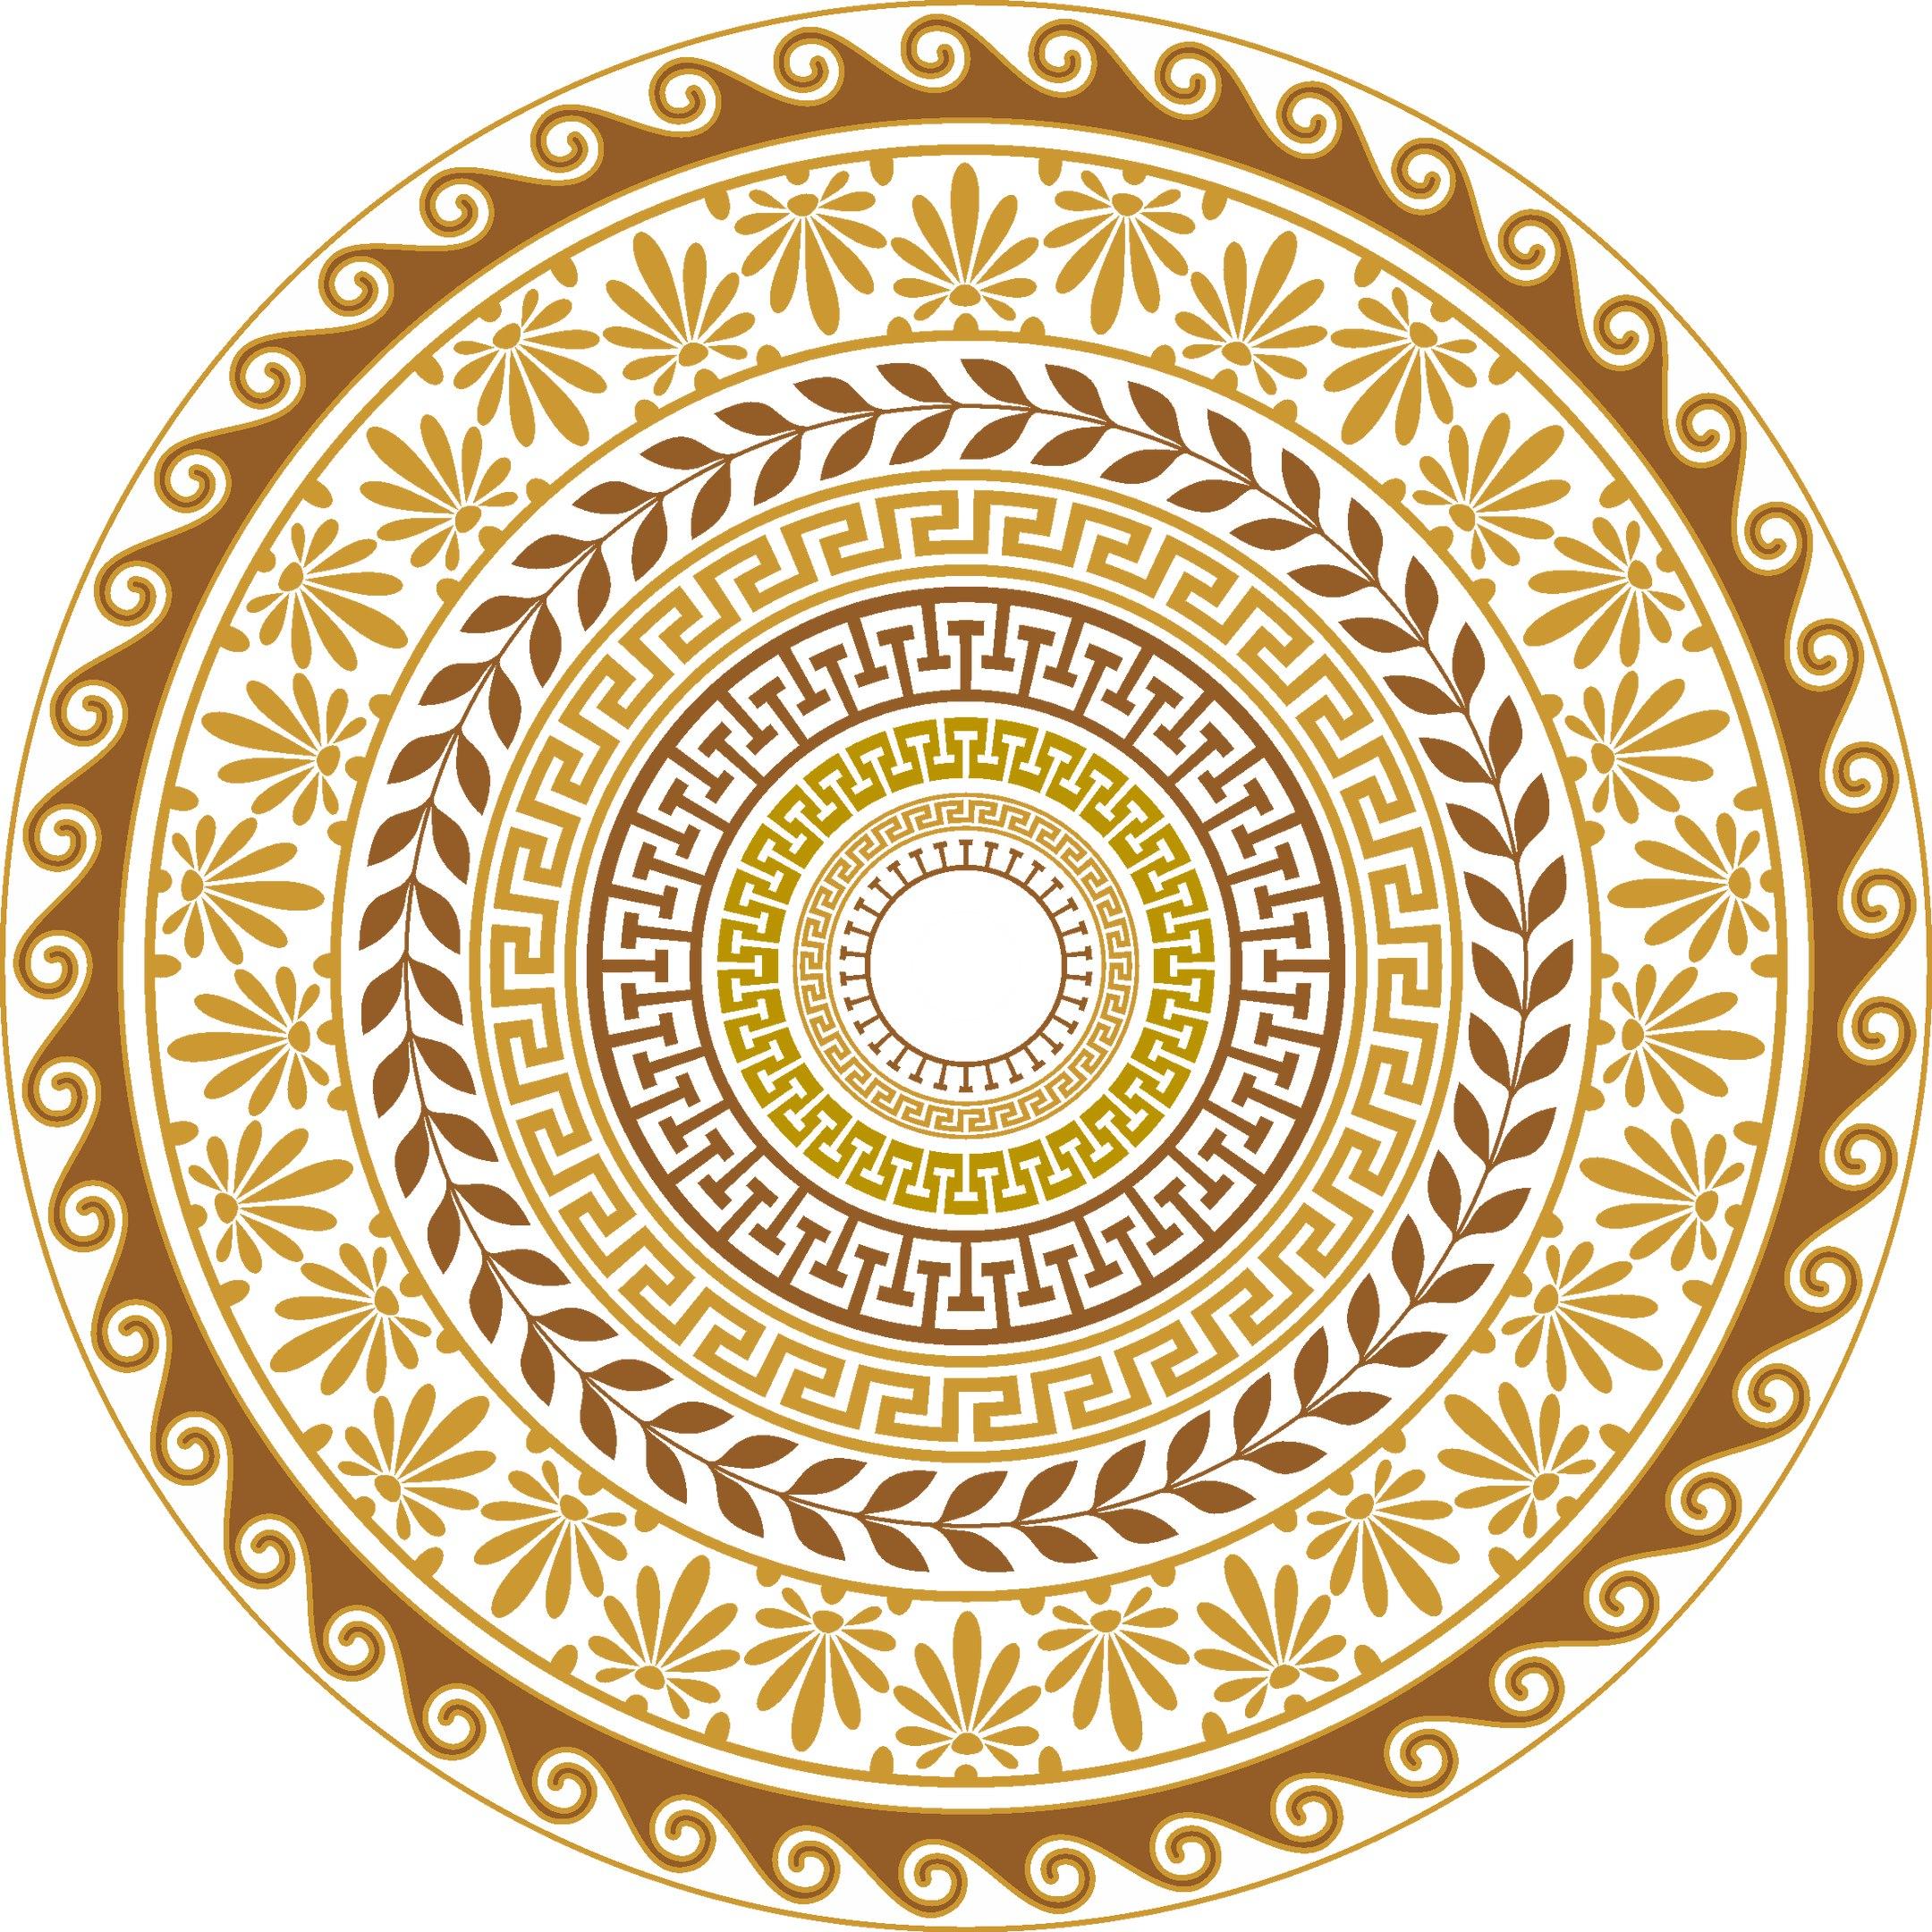 Gretskie Ornamenty Free Vector